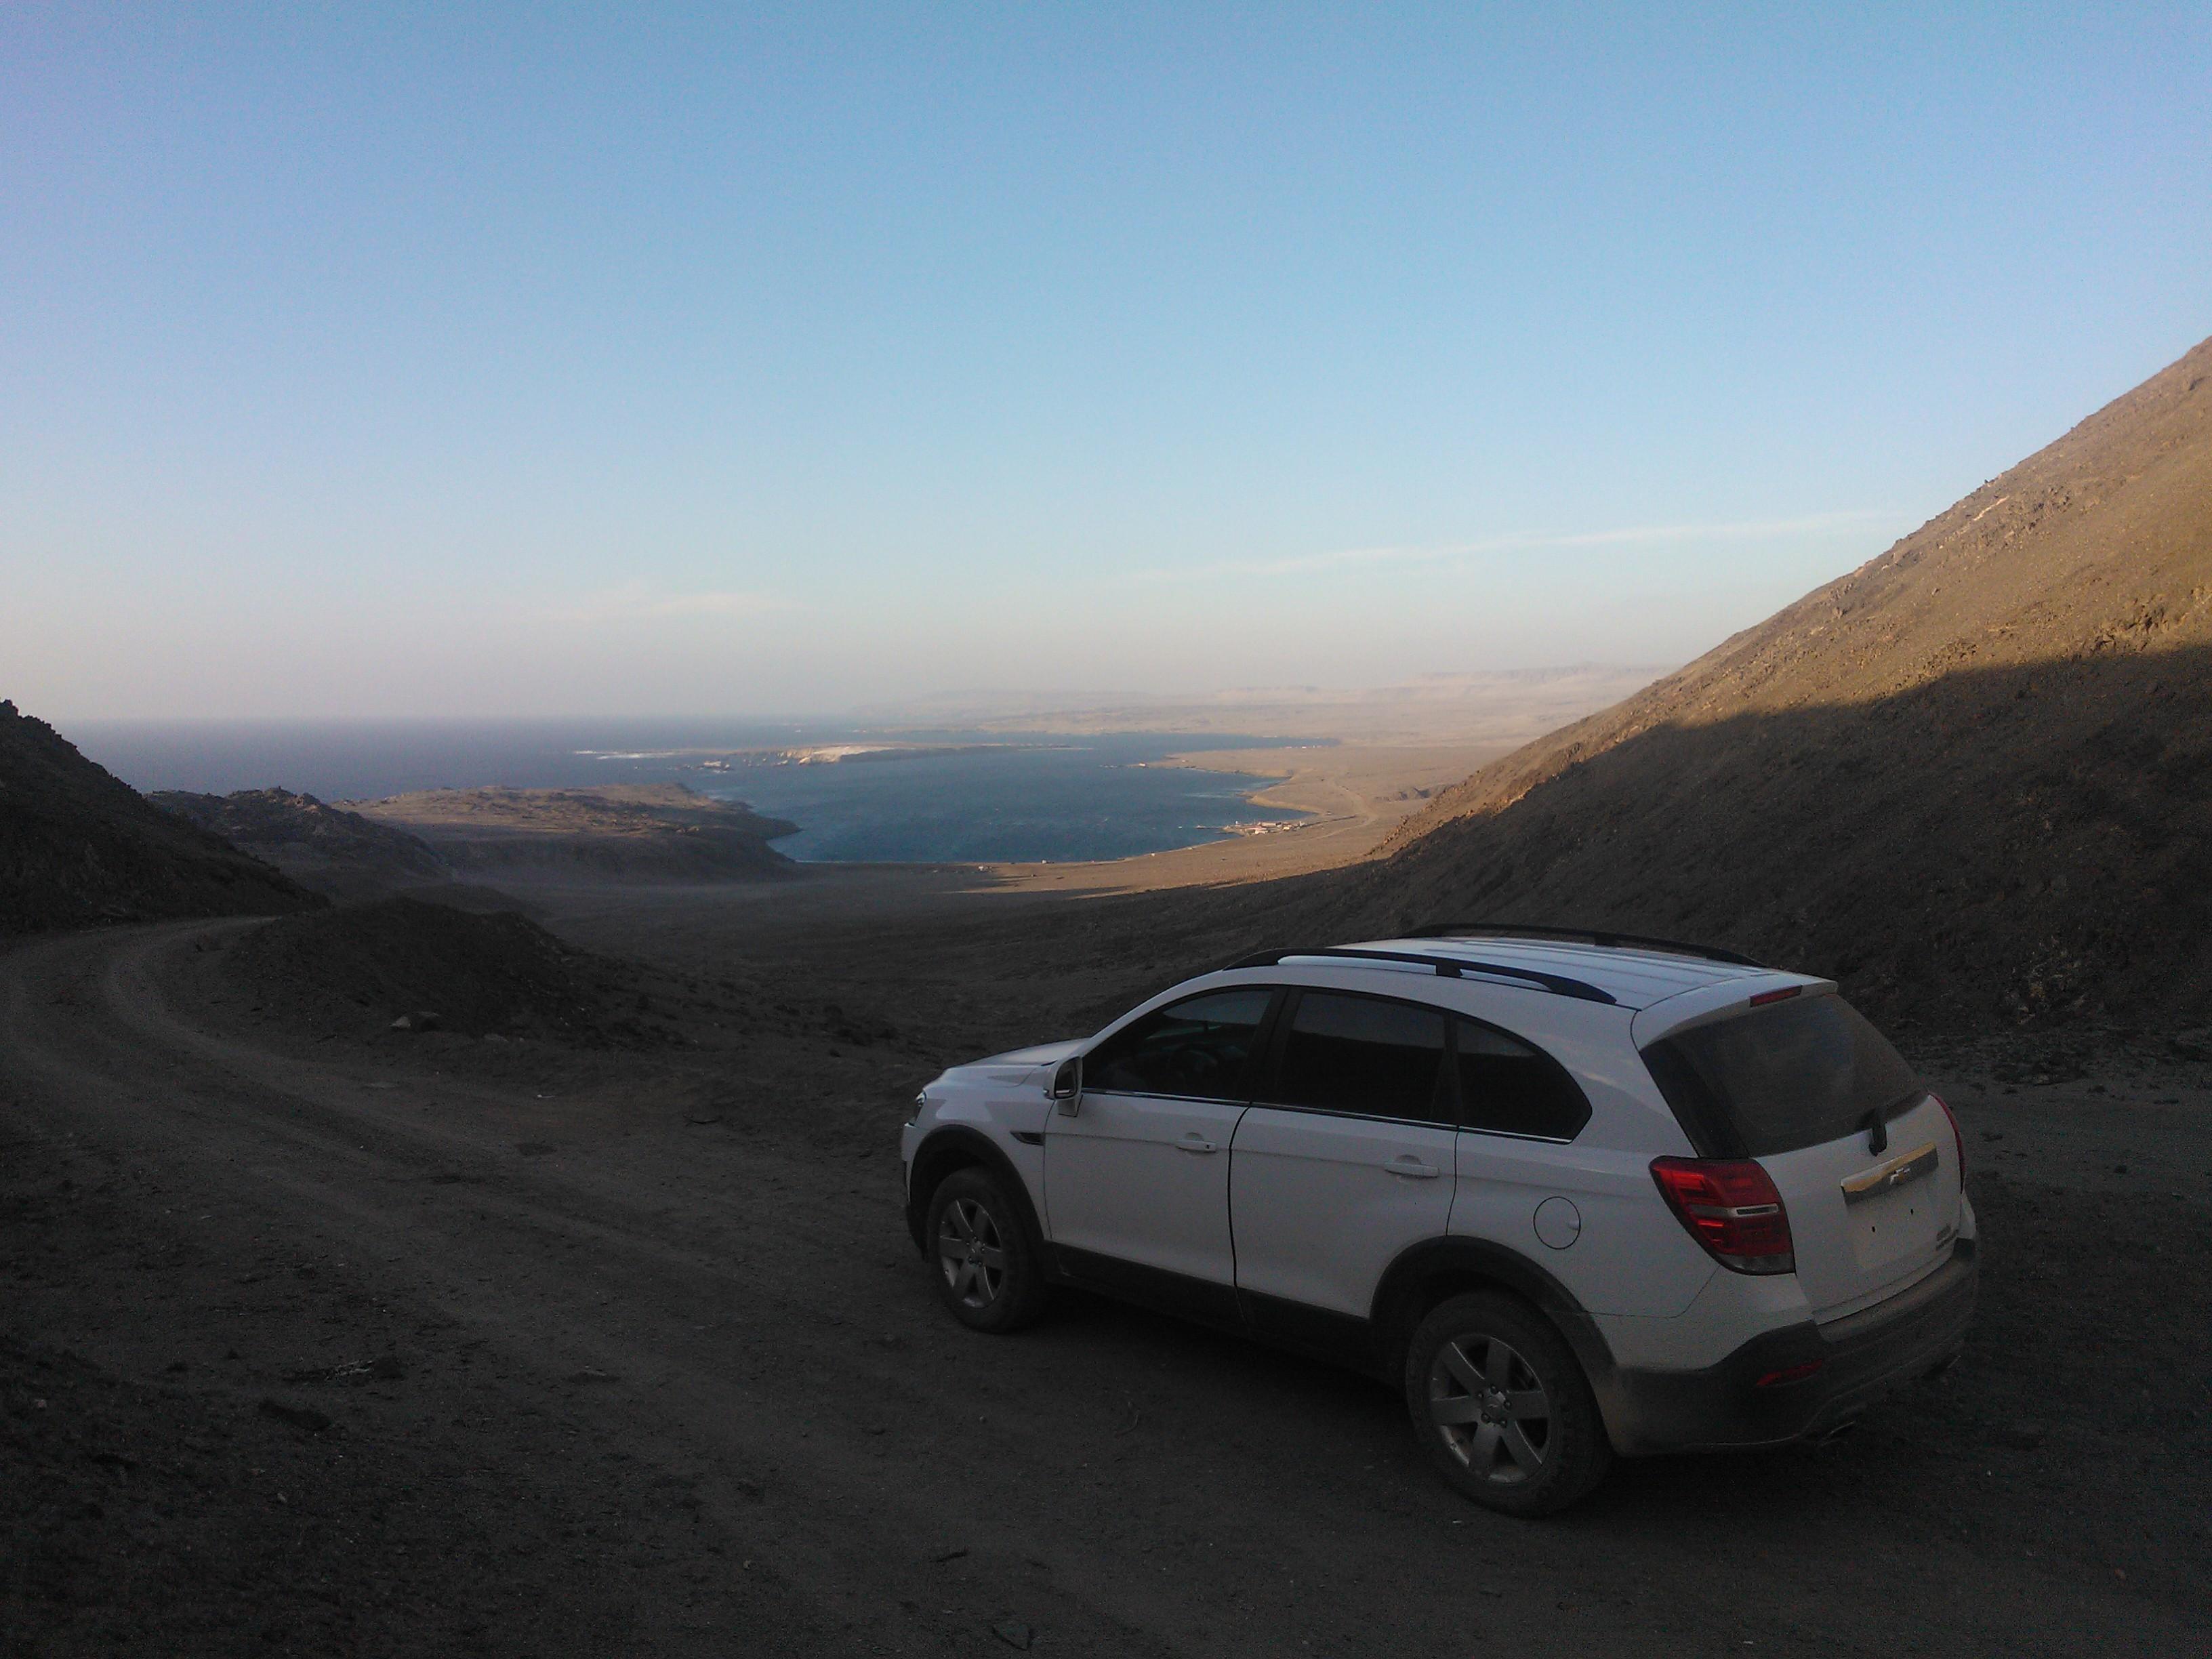 Isla Santa María - Antofagasta